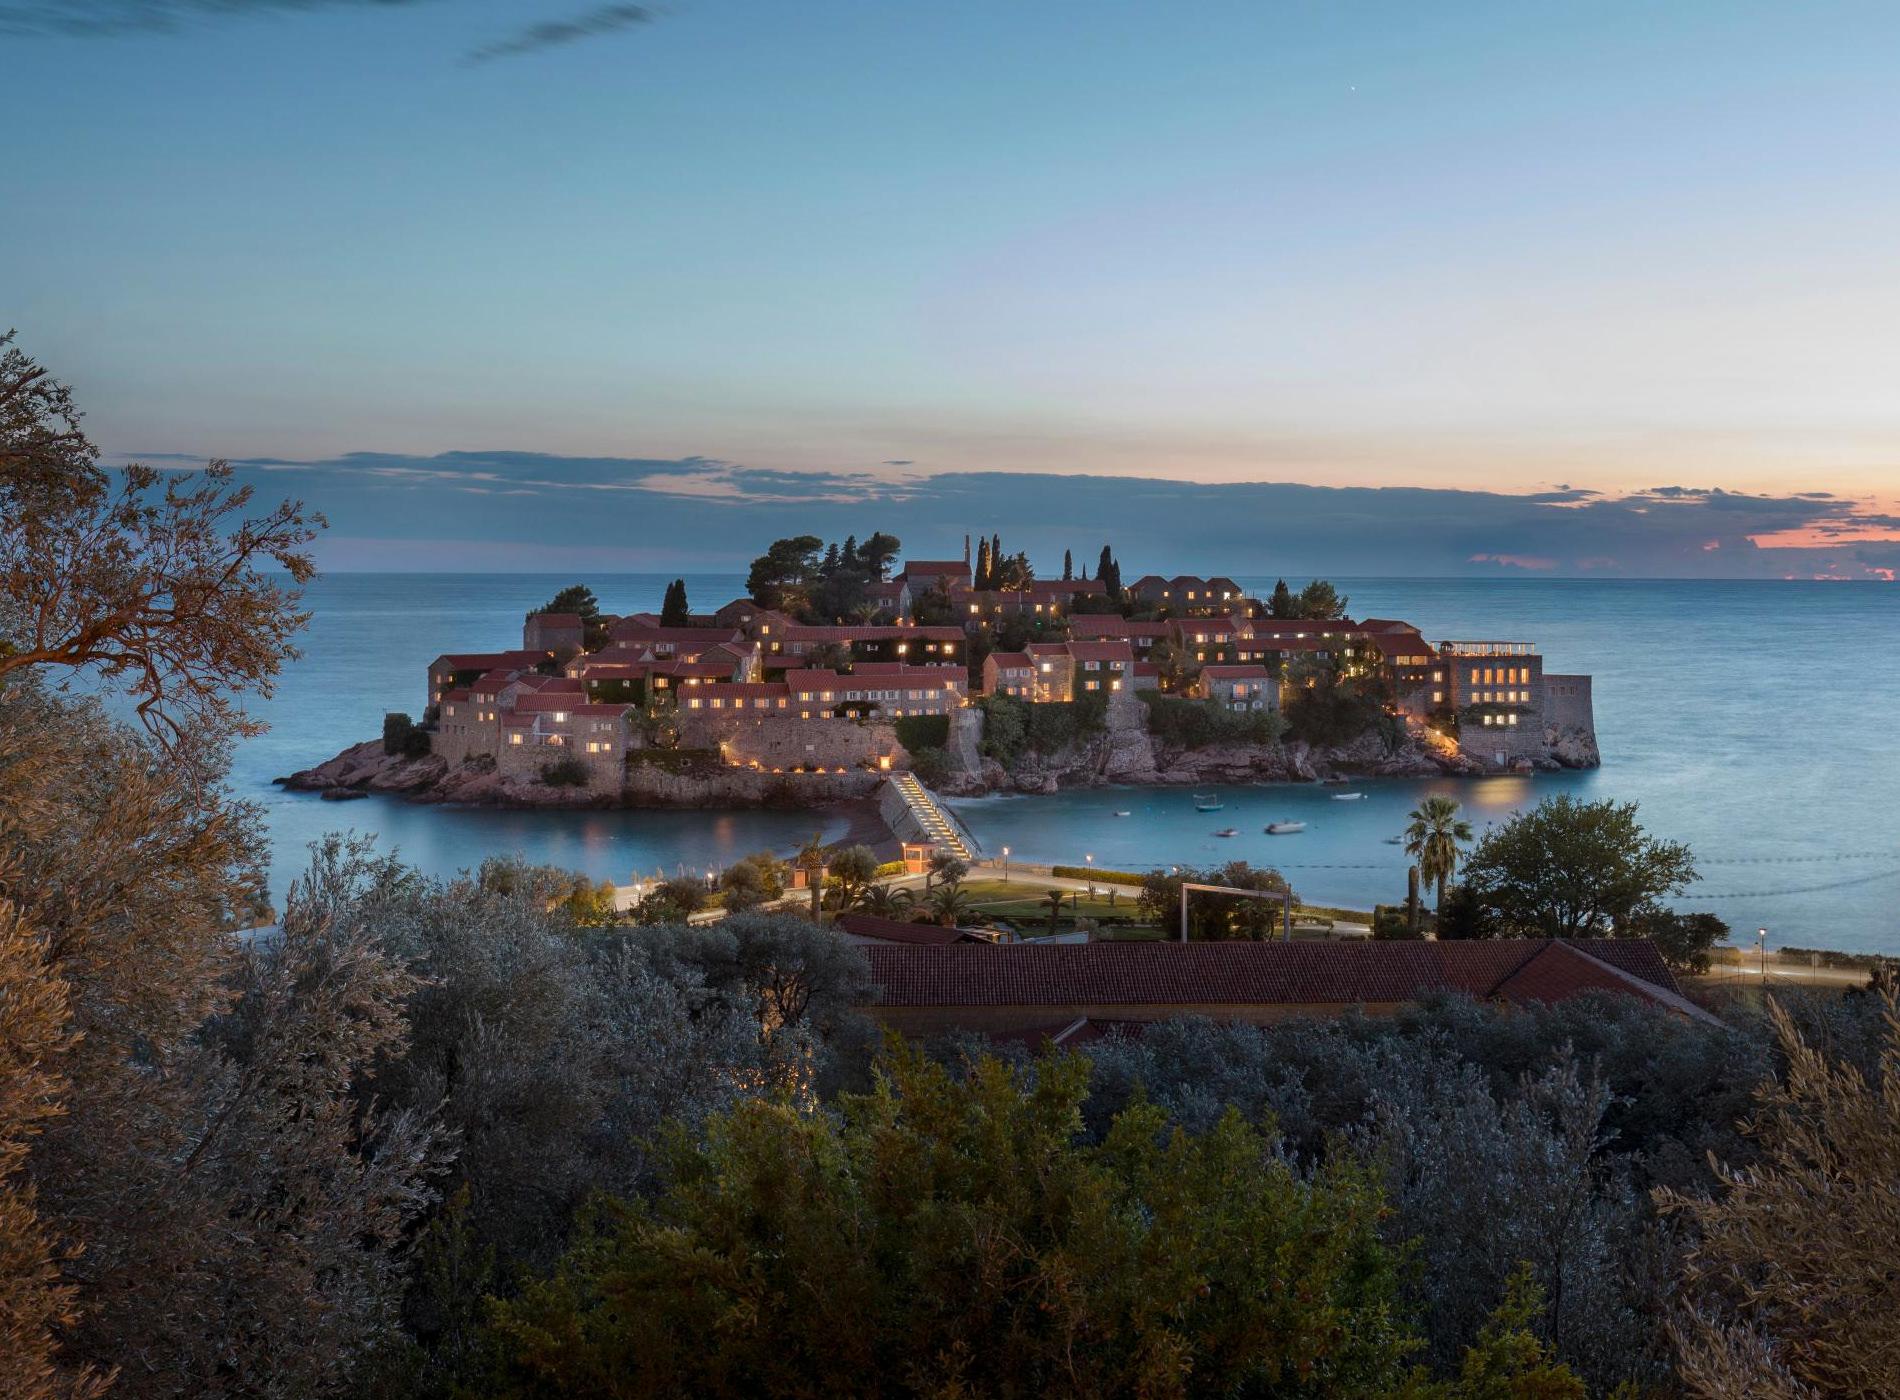 Aman Sveti Stefan Montenegro Hôtel Vue Lointaine